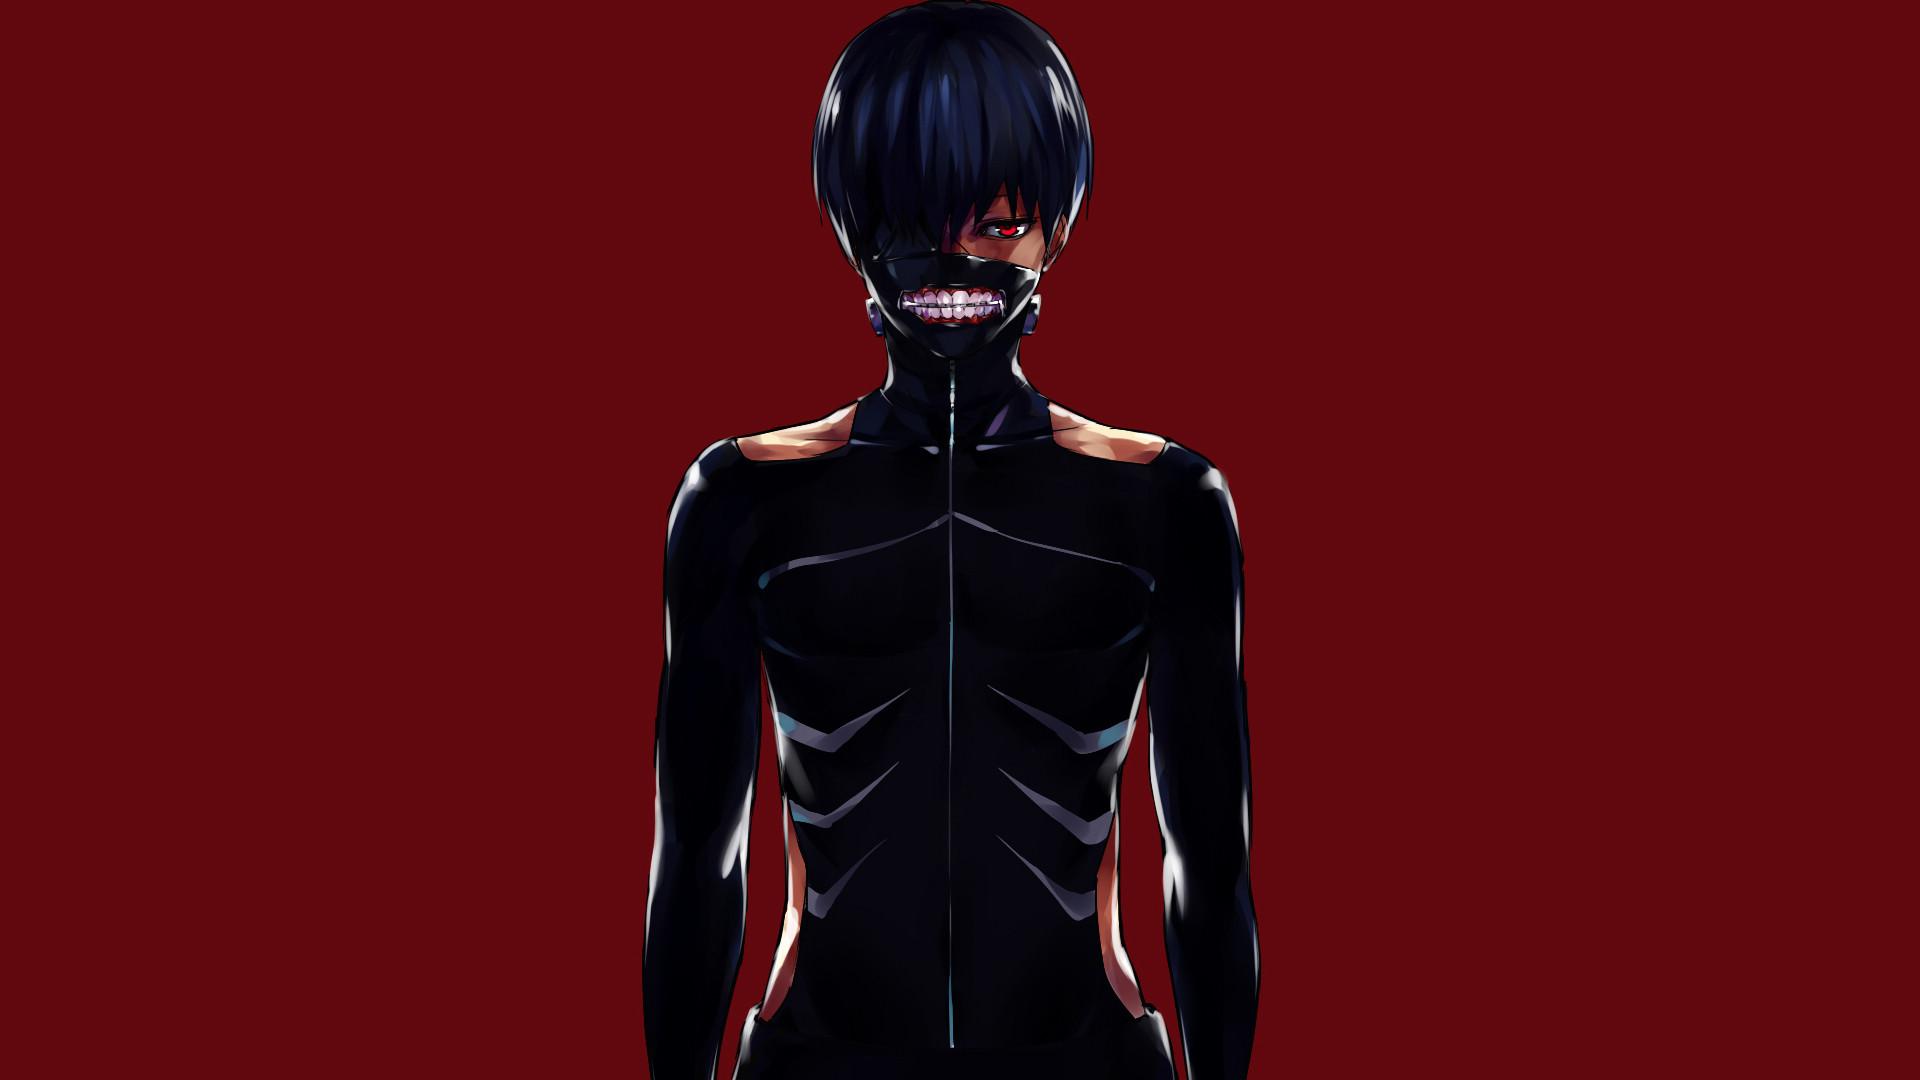 Tokyo Ghoul Ken Kaneki Mask 14 Desktop Wallpaper. Tokyo Ghoul Ken Kaneki  Mask 14 Desktop Wallpaper